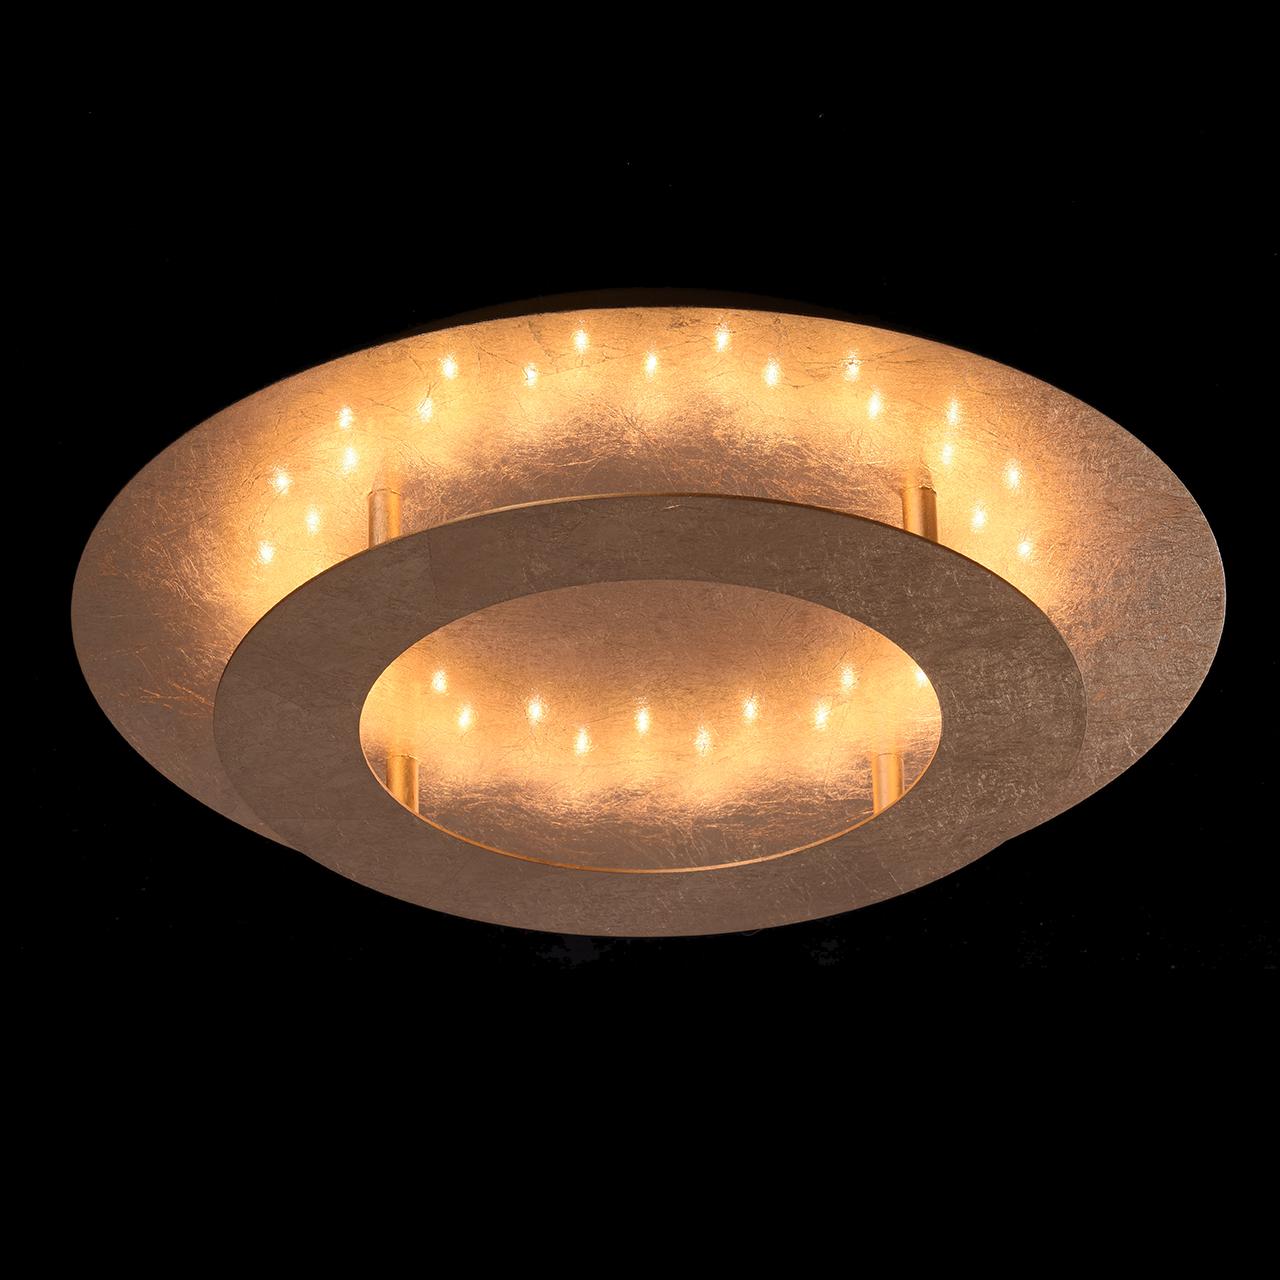 Потолочный светодиодный светильник De Markt Галатея 452011701, LED 18W, 3000K (теплый), матовое золото, металл - фото 2